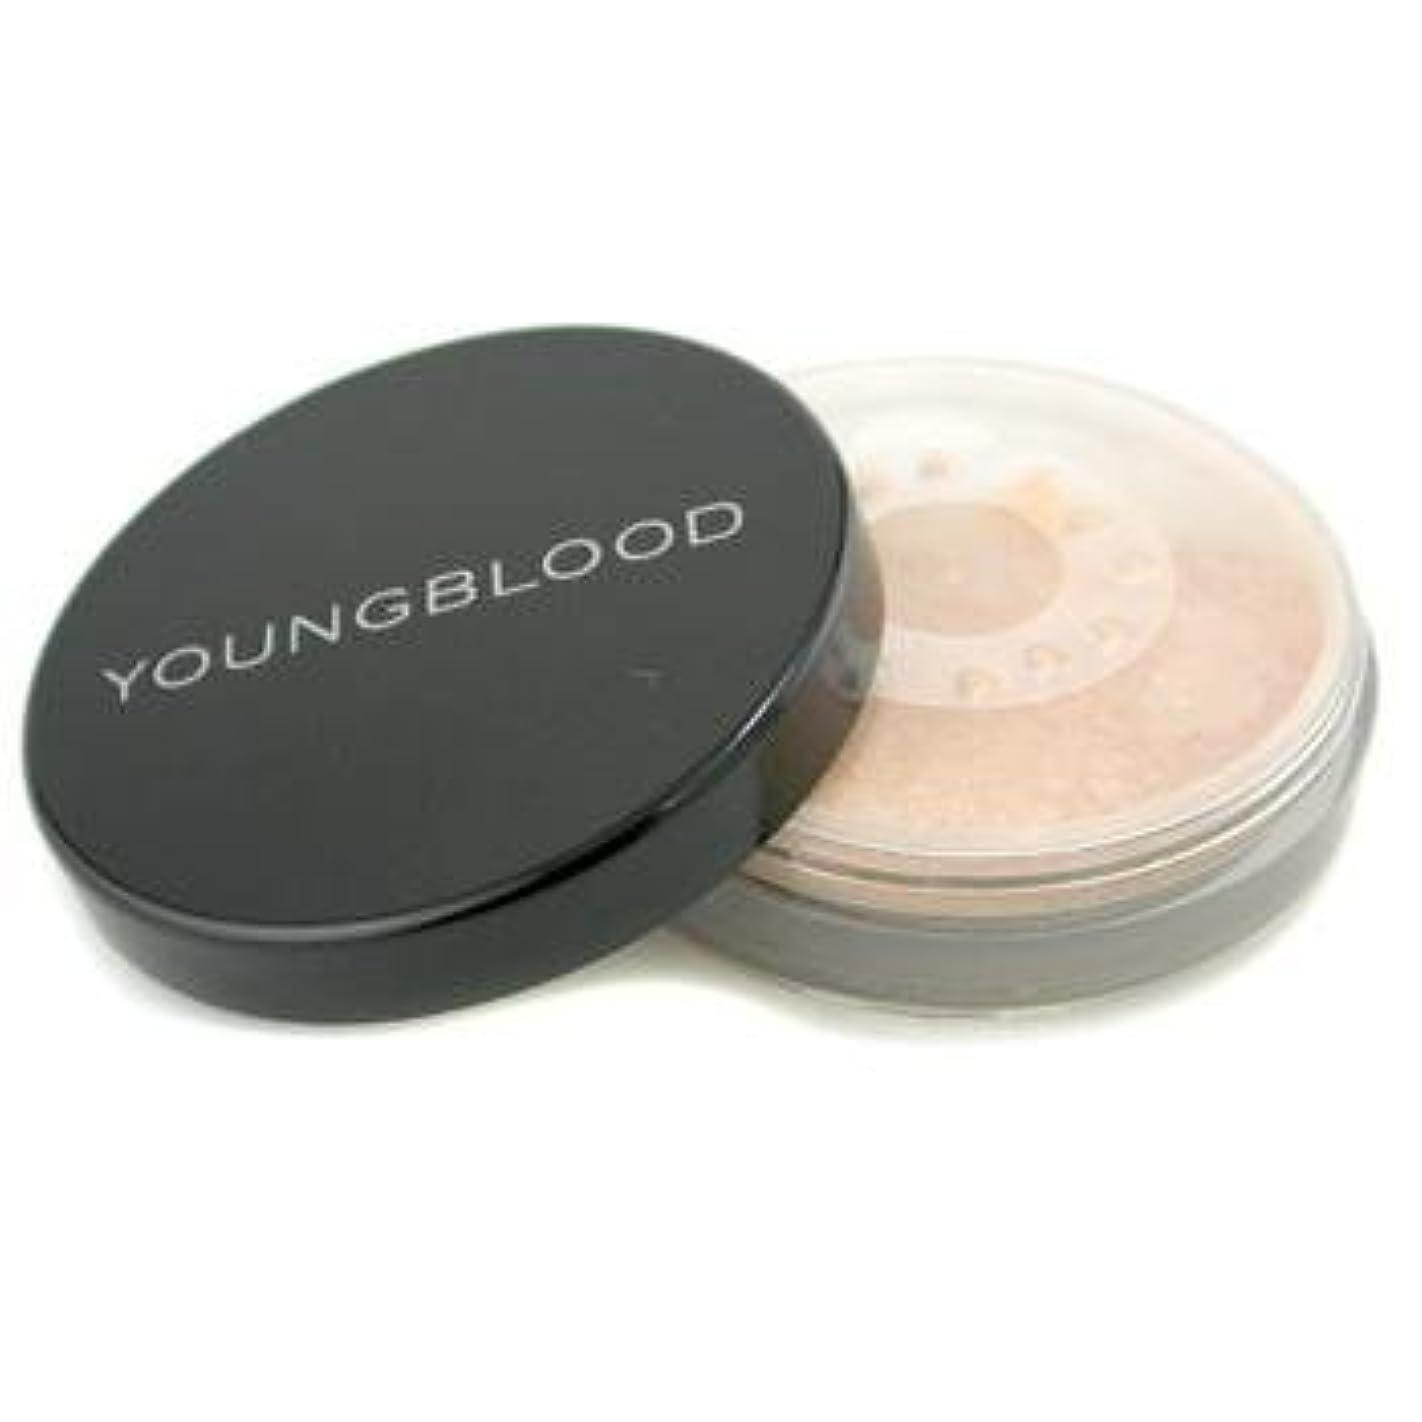 変成器トロピカルトピックヤングブラッド ミネラルパウダーファンデーション ベアリーベ-ジュ 10g YOUNG BLOOD